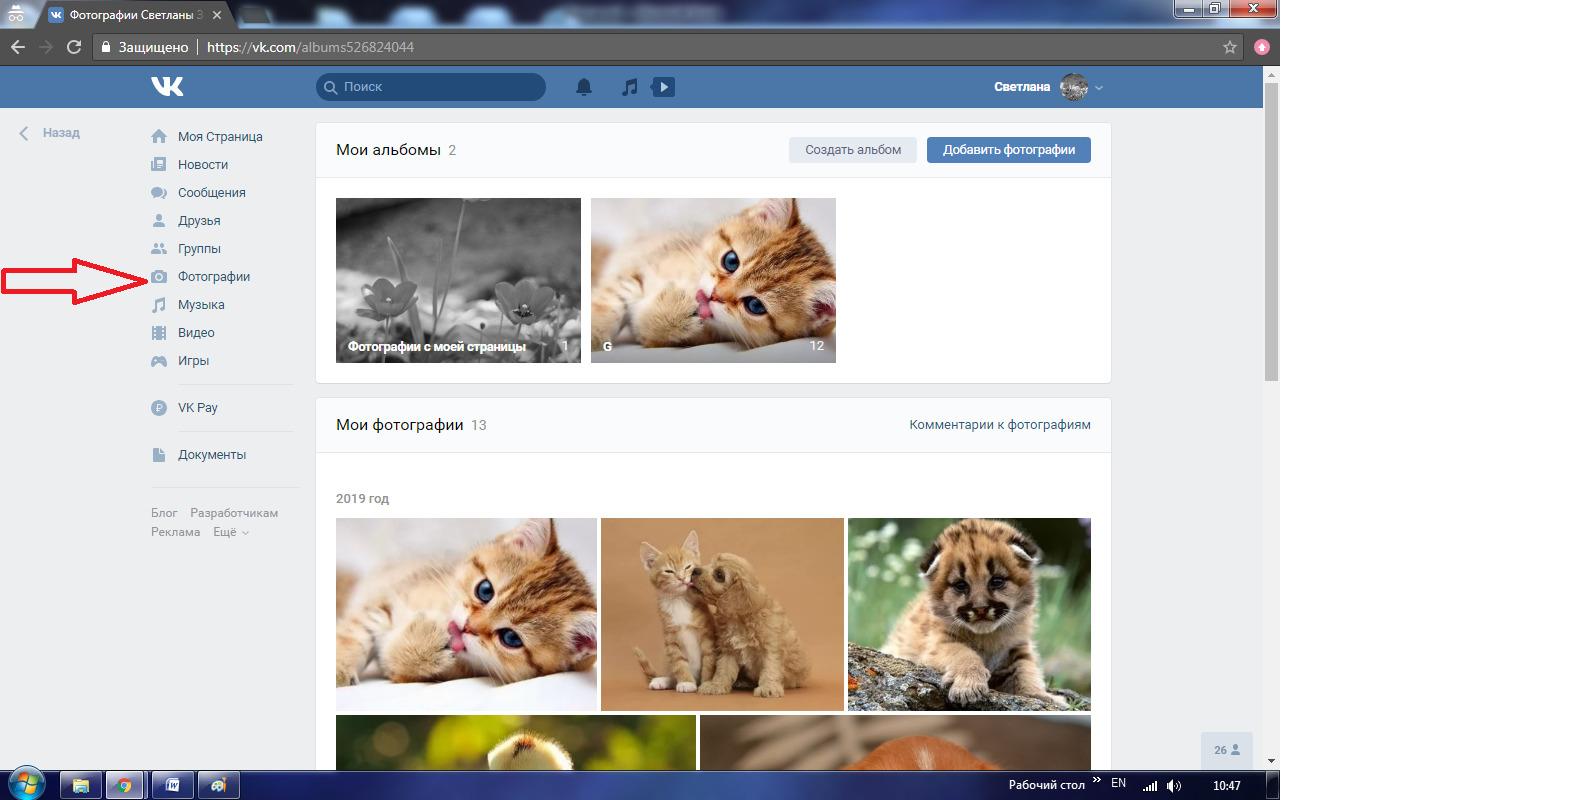 Раздел фотографии в меню ВК